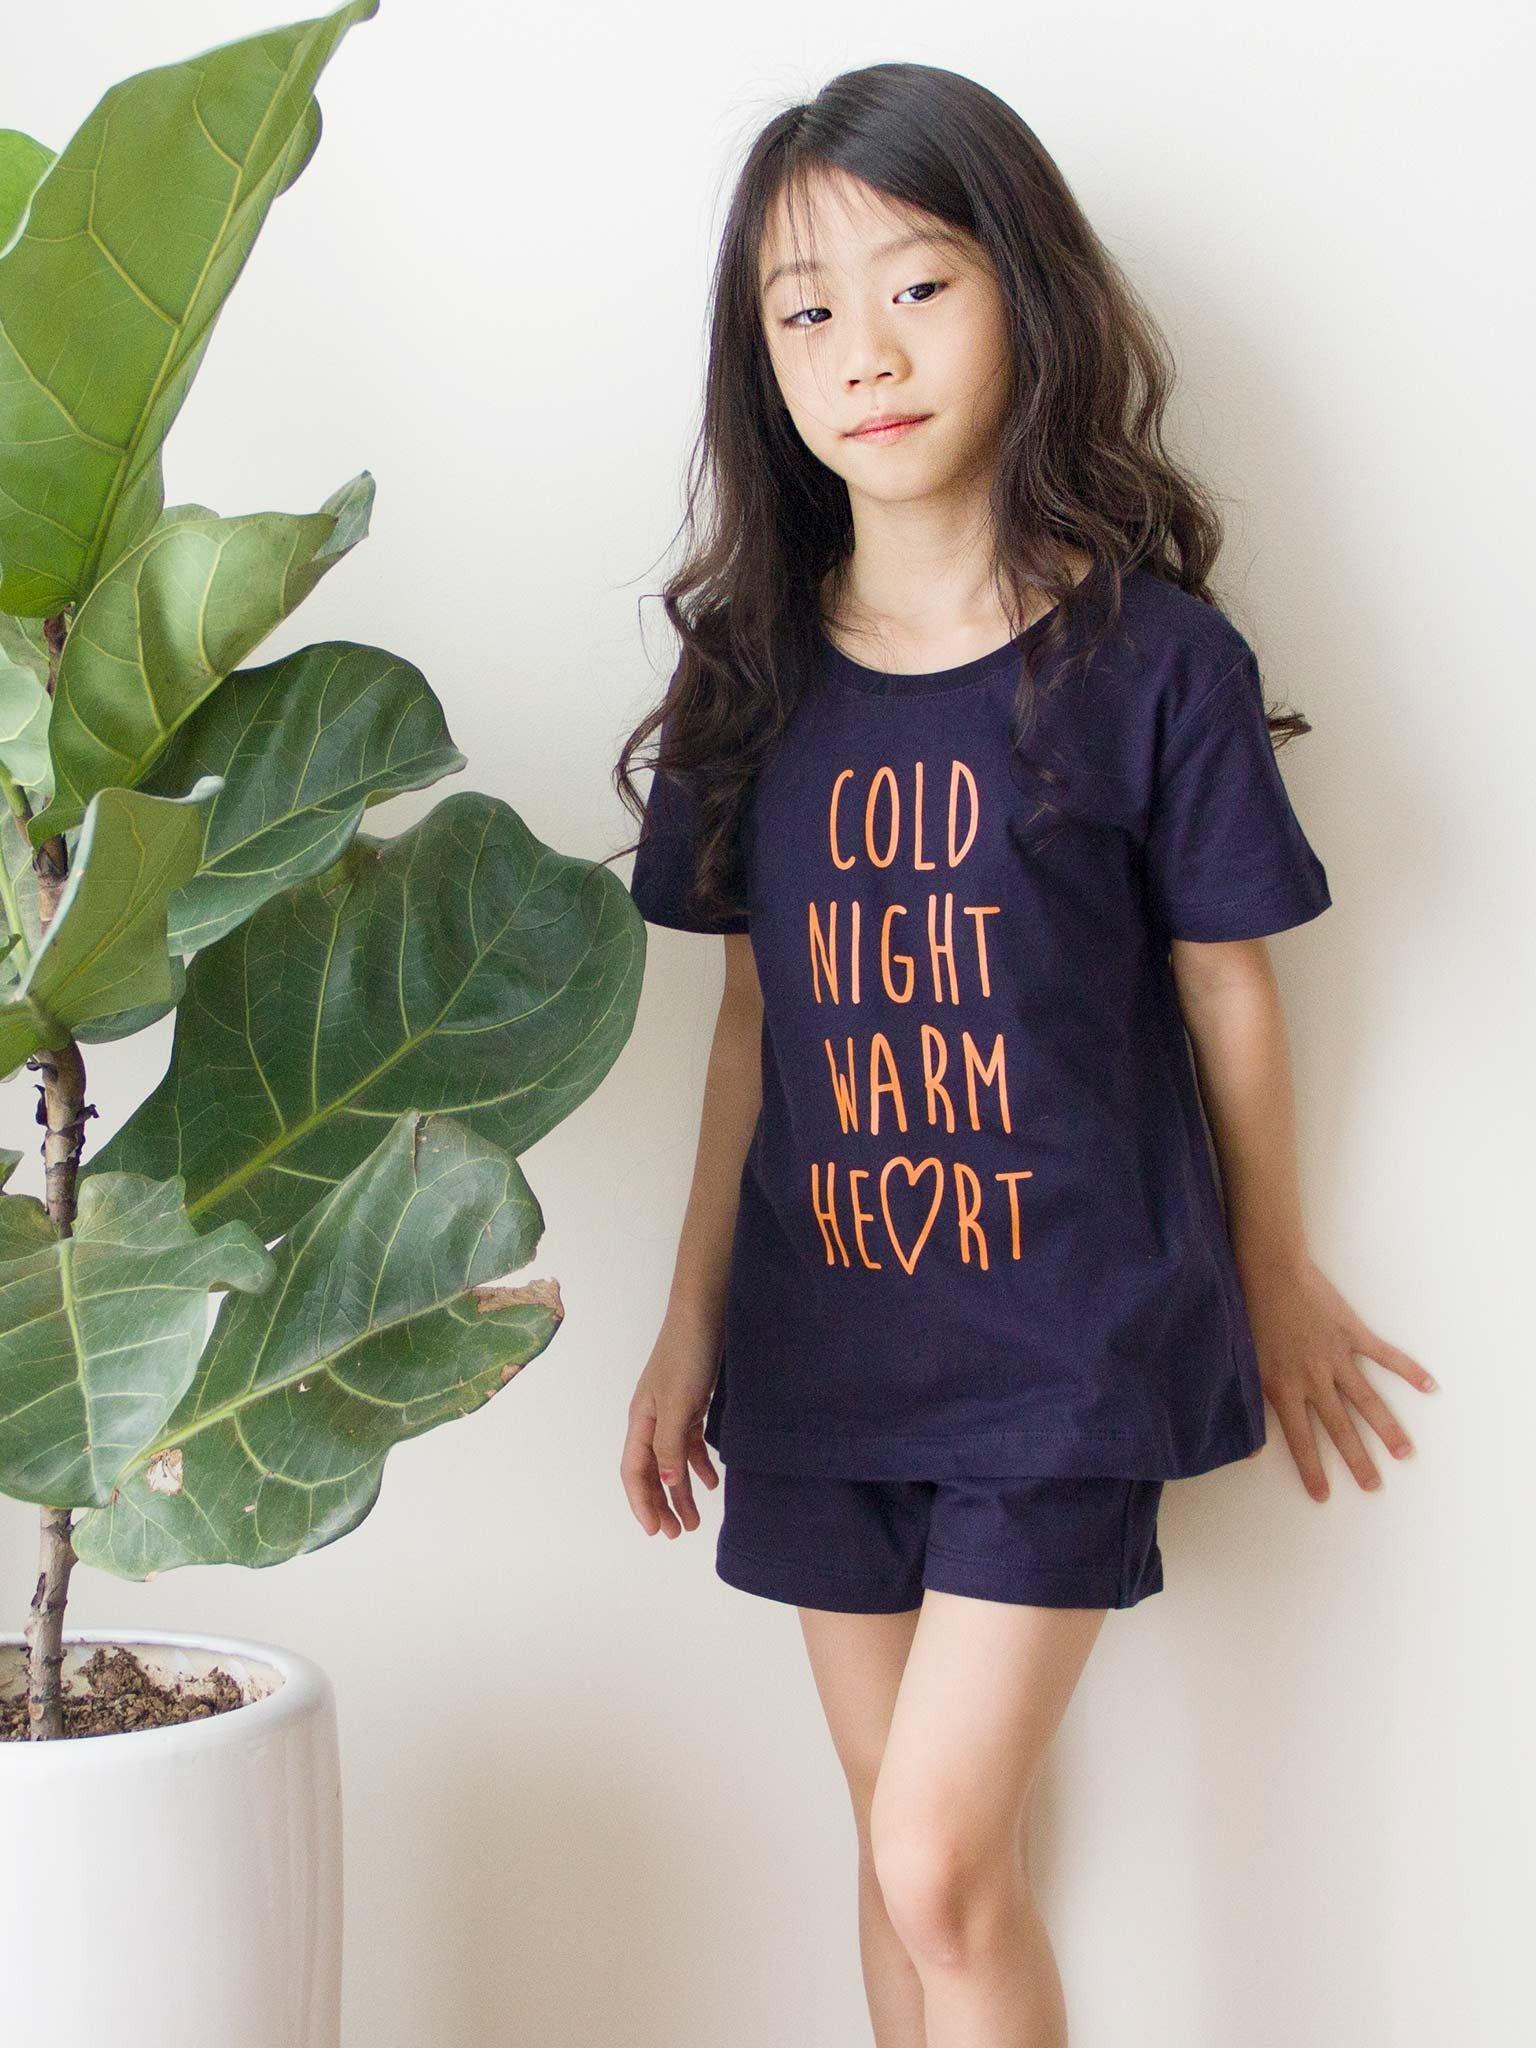 Bộ quần áo bé gái mầu navy chữ Cold night